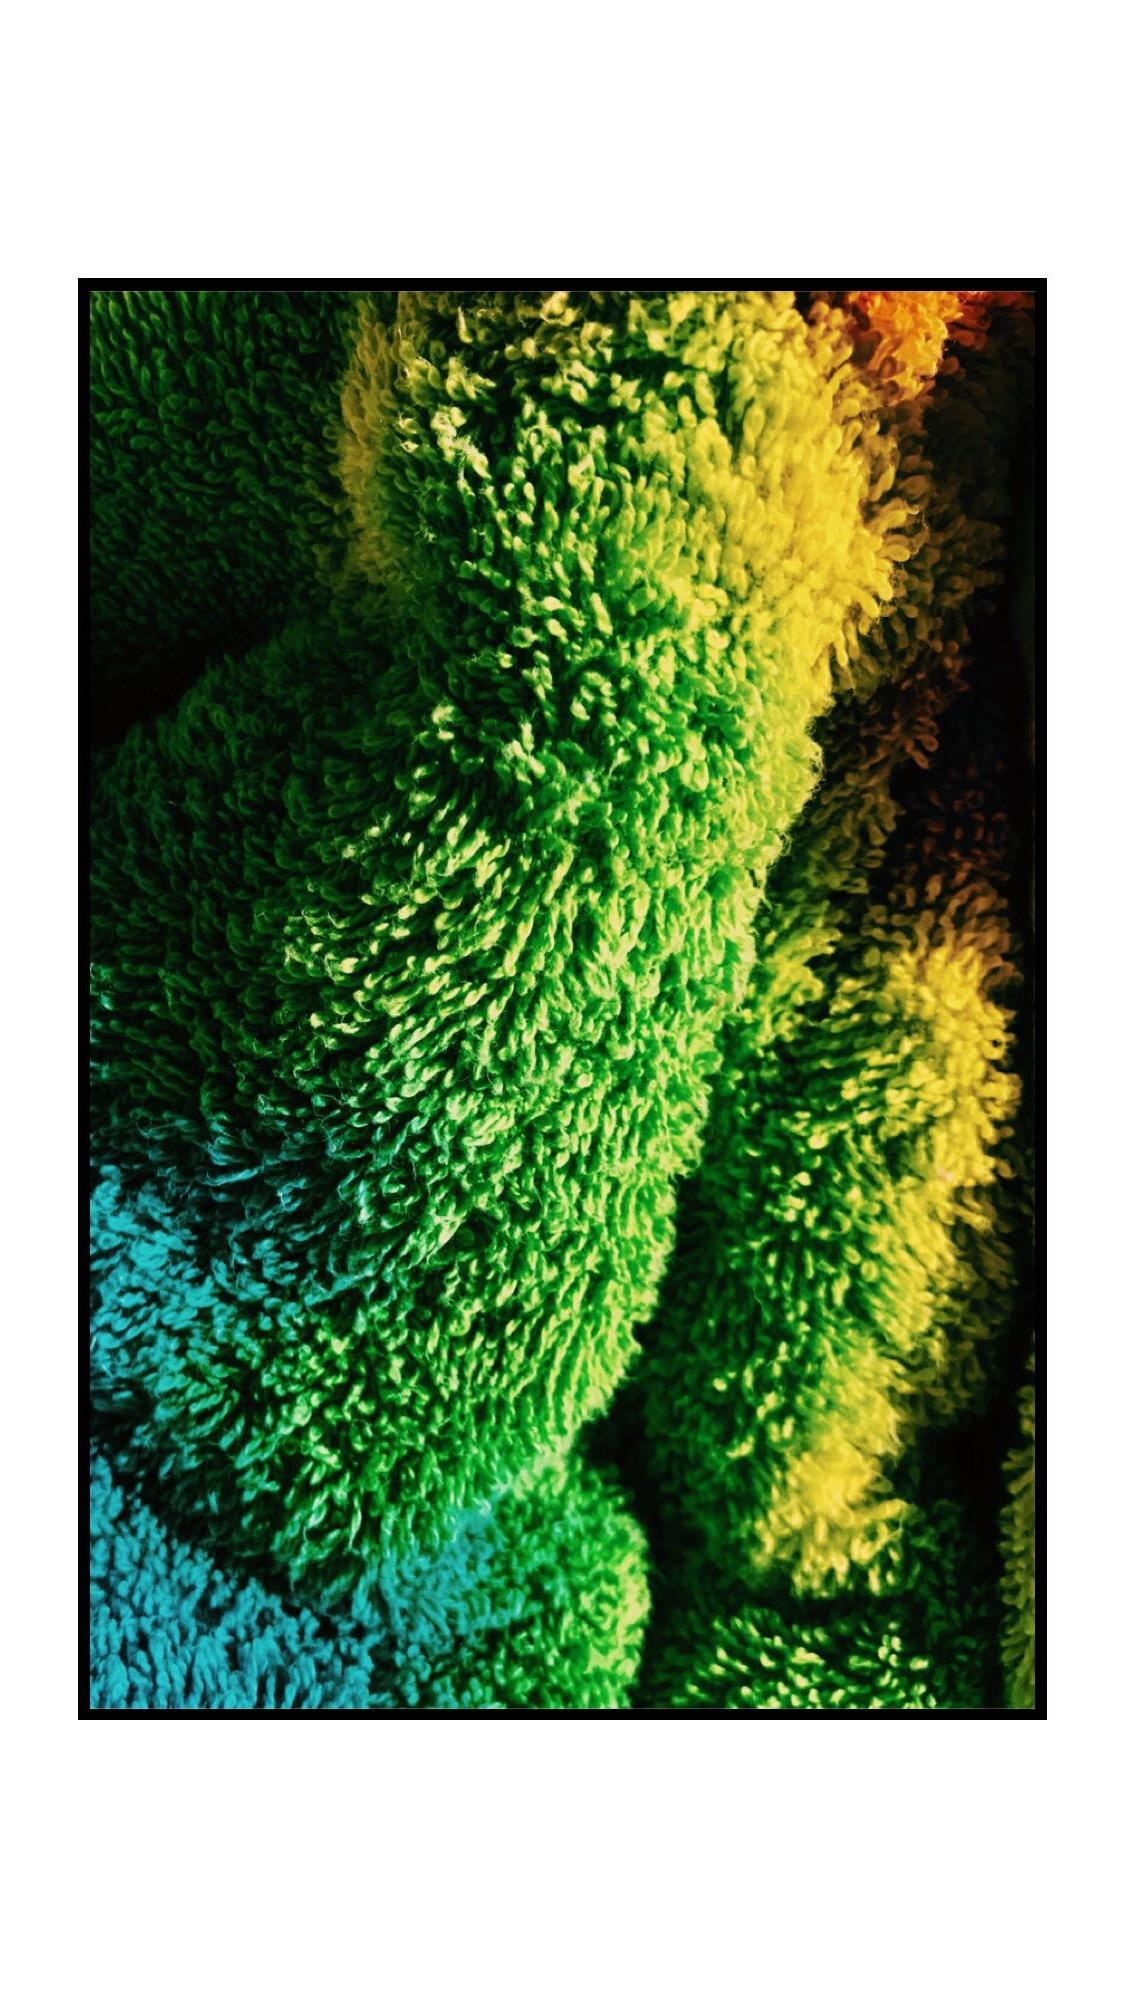 Tye-dye towel detail